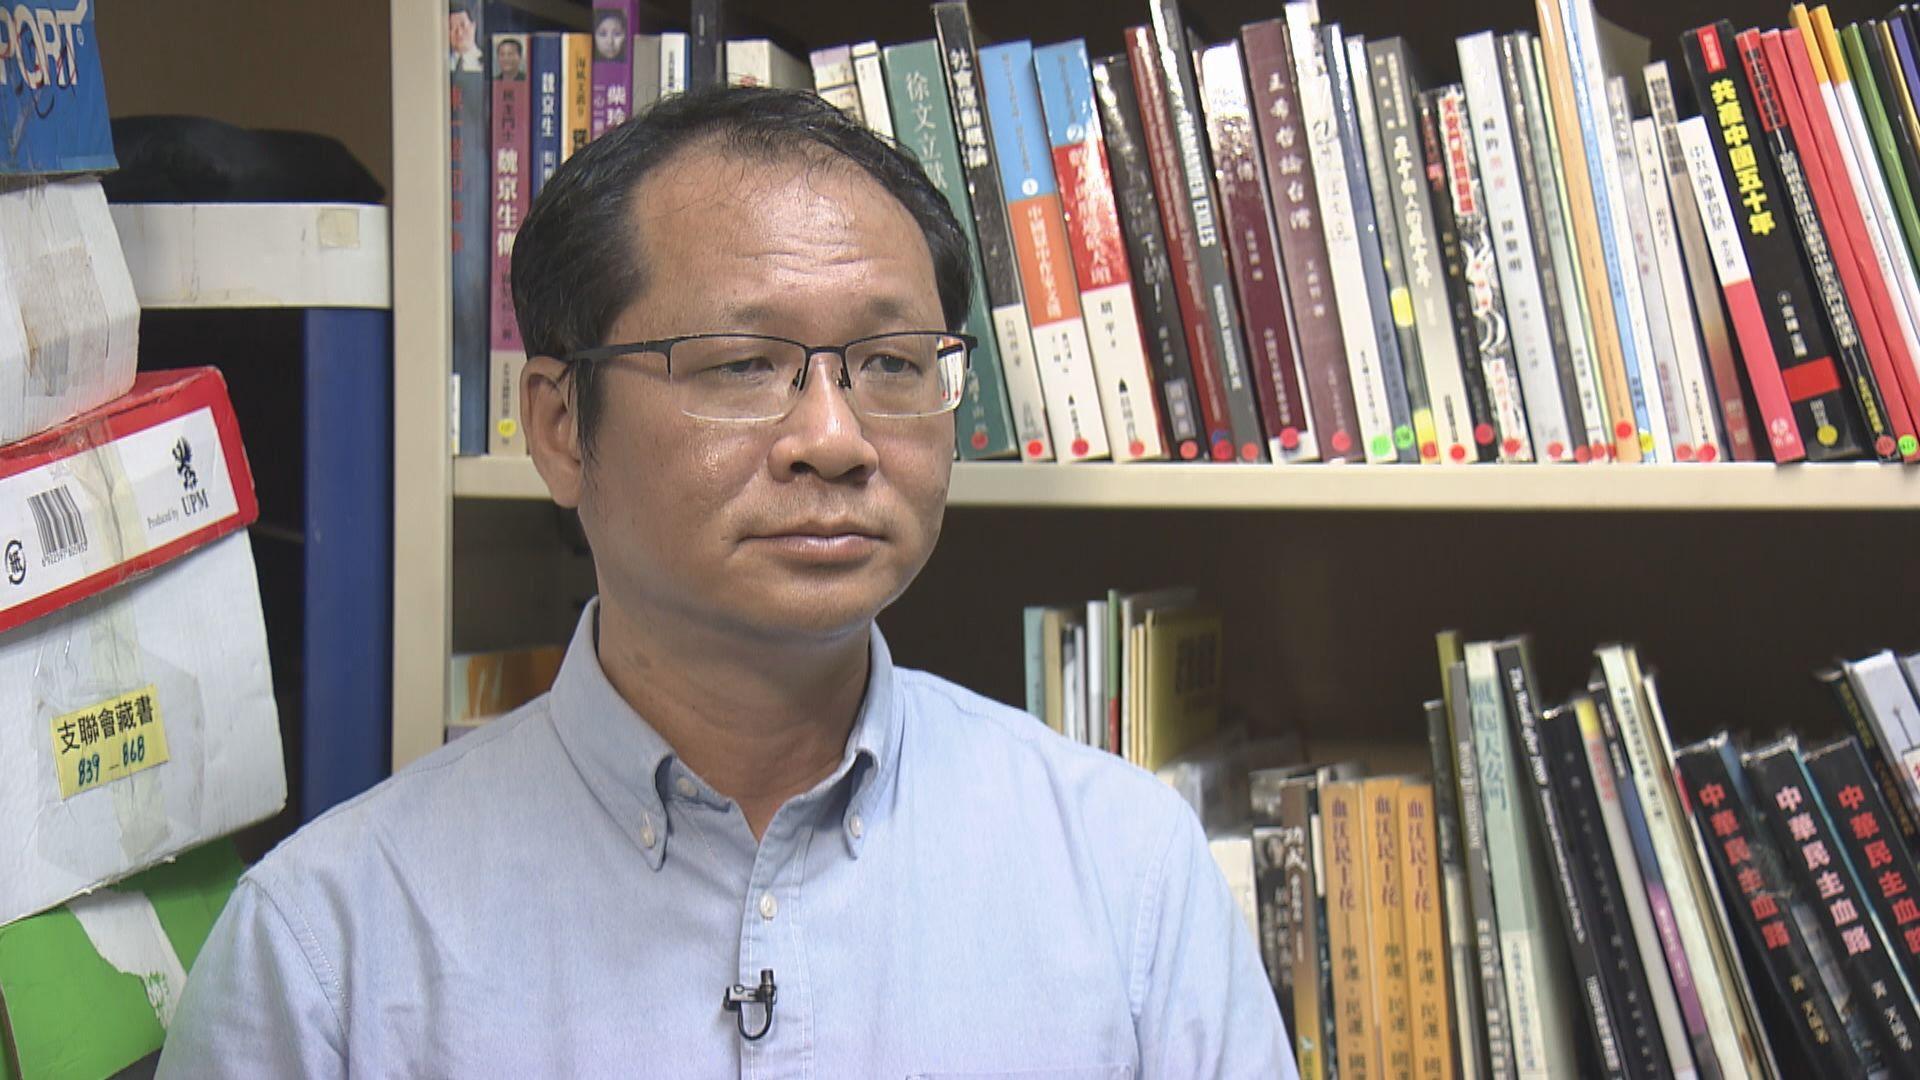 蔡耀昌:田飛龍應提供更多法律依據